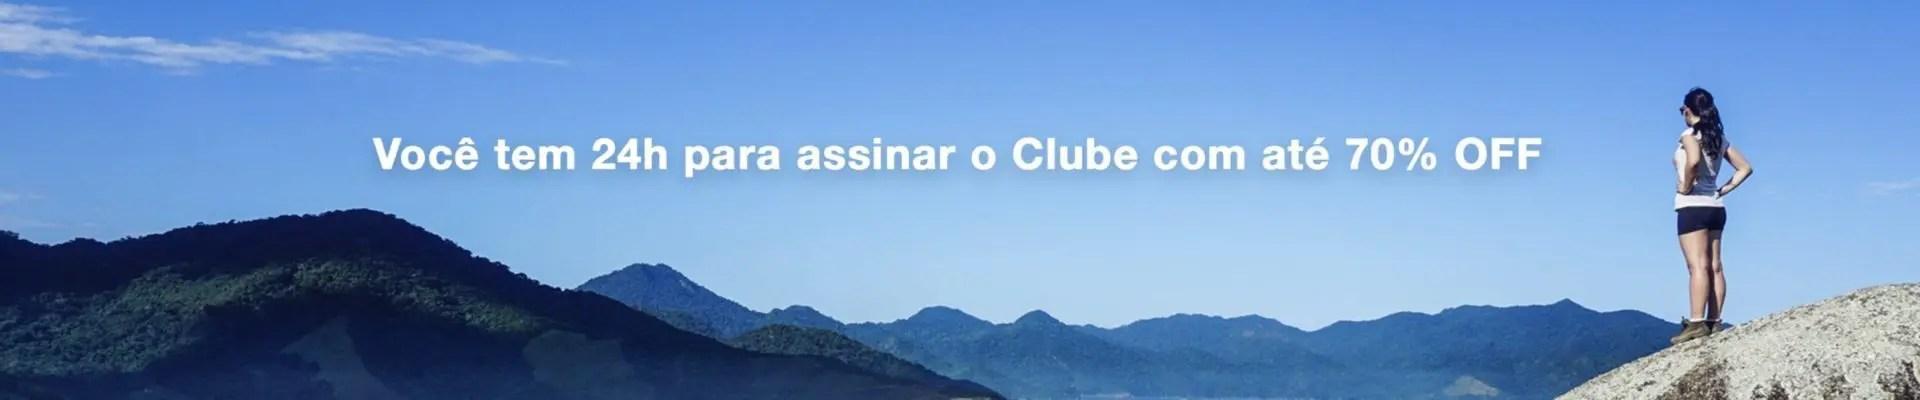 Clube TudoAzul 70% desconto